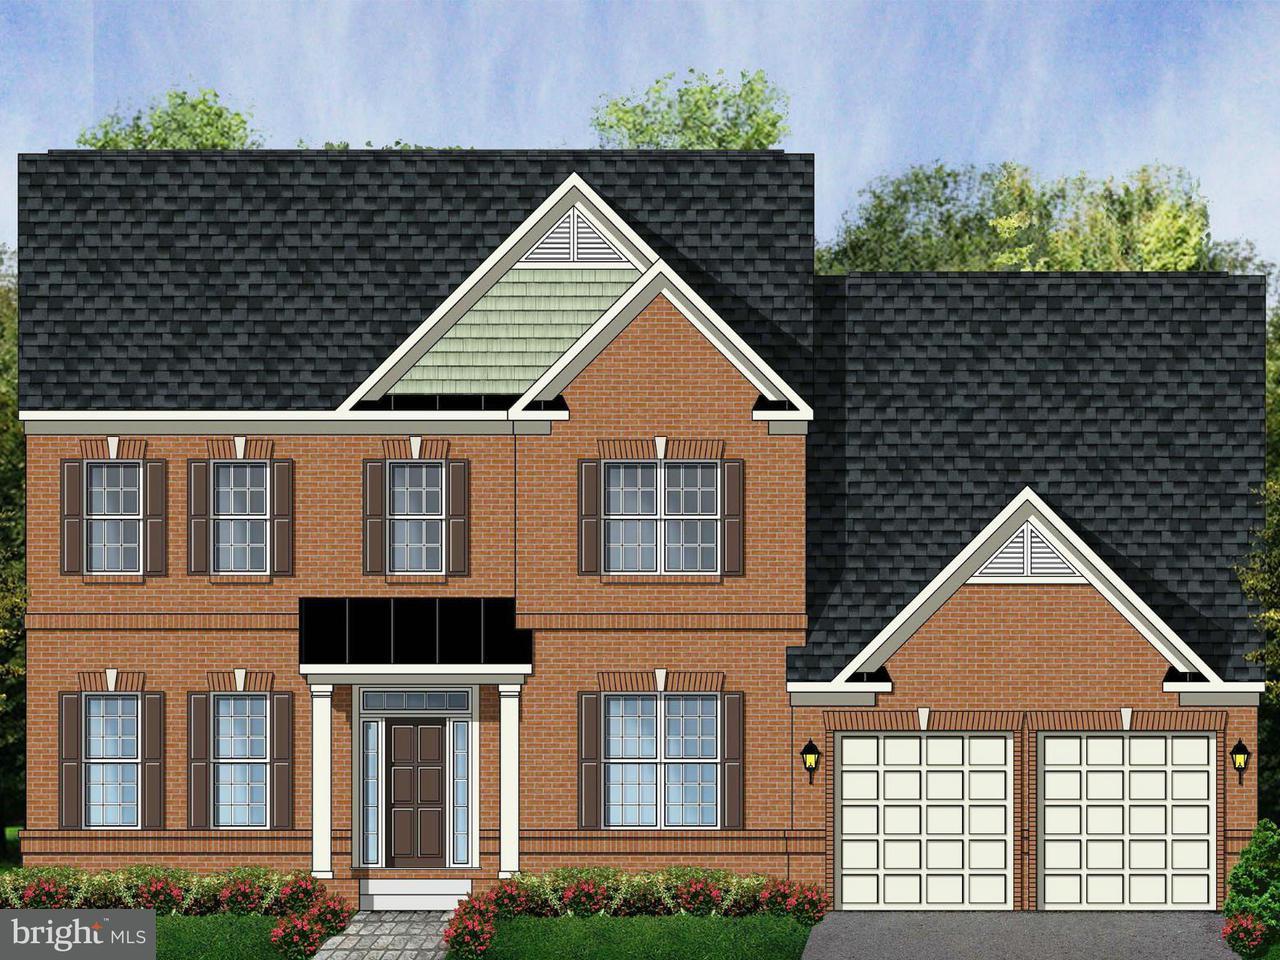 Casa Unifamiliar por un Venta en 2815 TROTTER PARK Lane 2815 TROTTER PARK Lane Glenarden, Maryland 20706 Estados Unidos